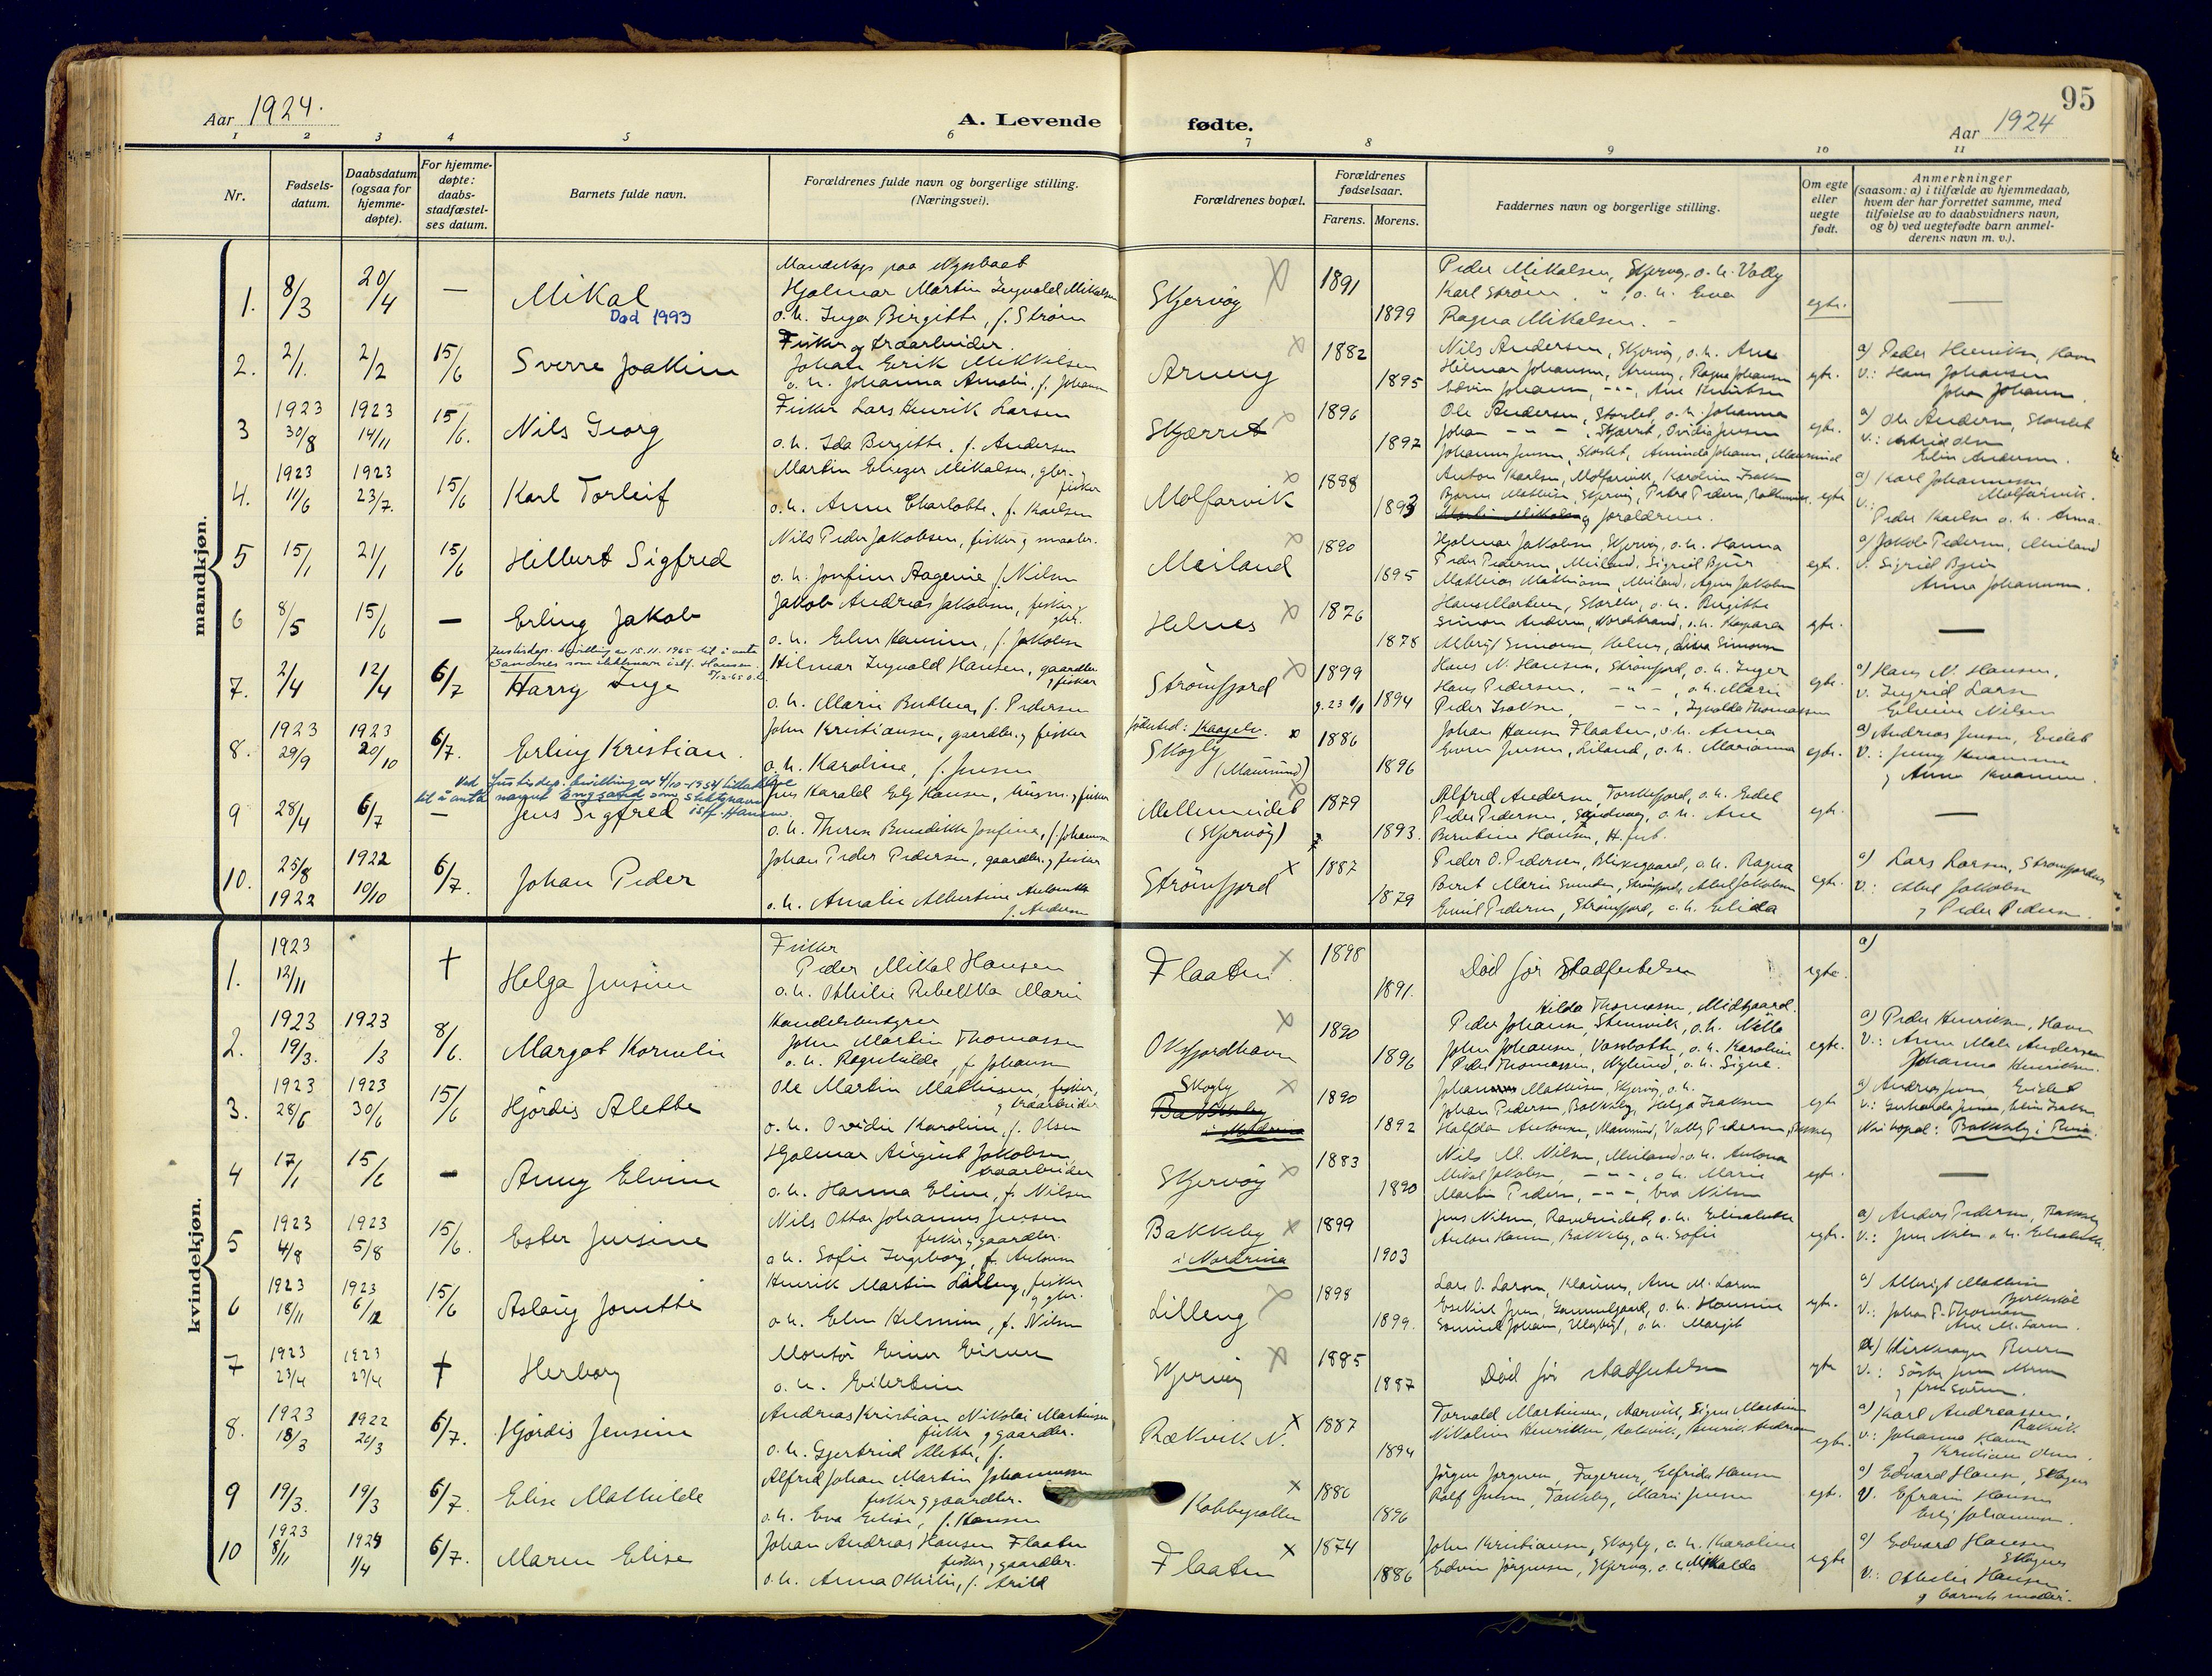 SATØ, Skjervøy sokneprestkontor, H/Ha/Haa: Ministerialbok nr. 18, 1910-1926, s. 95